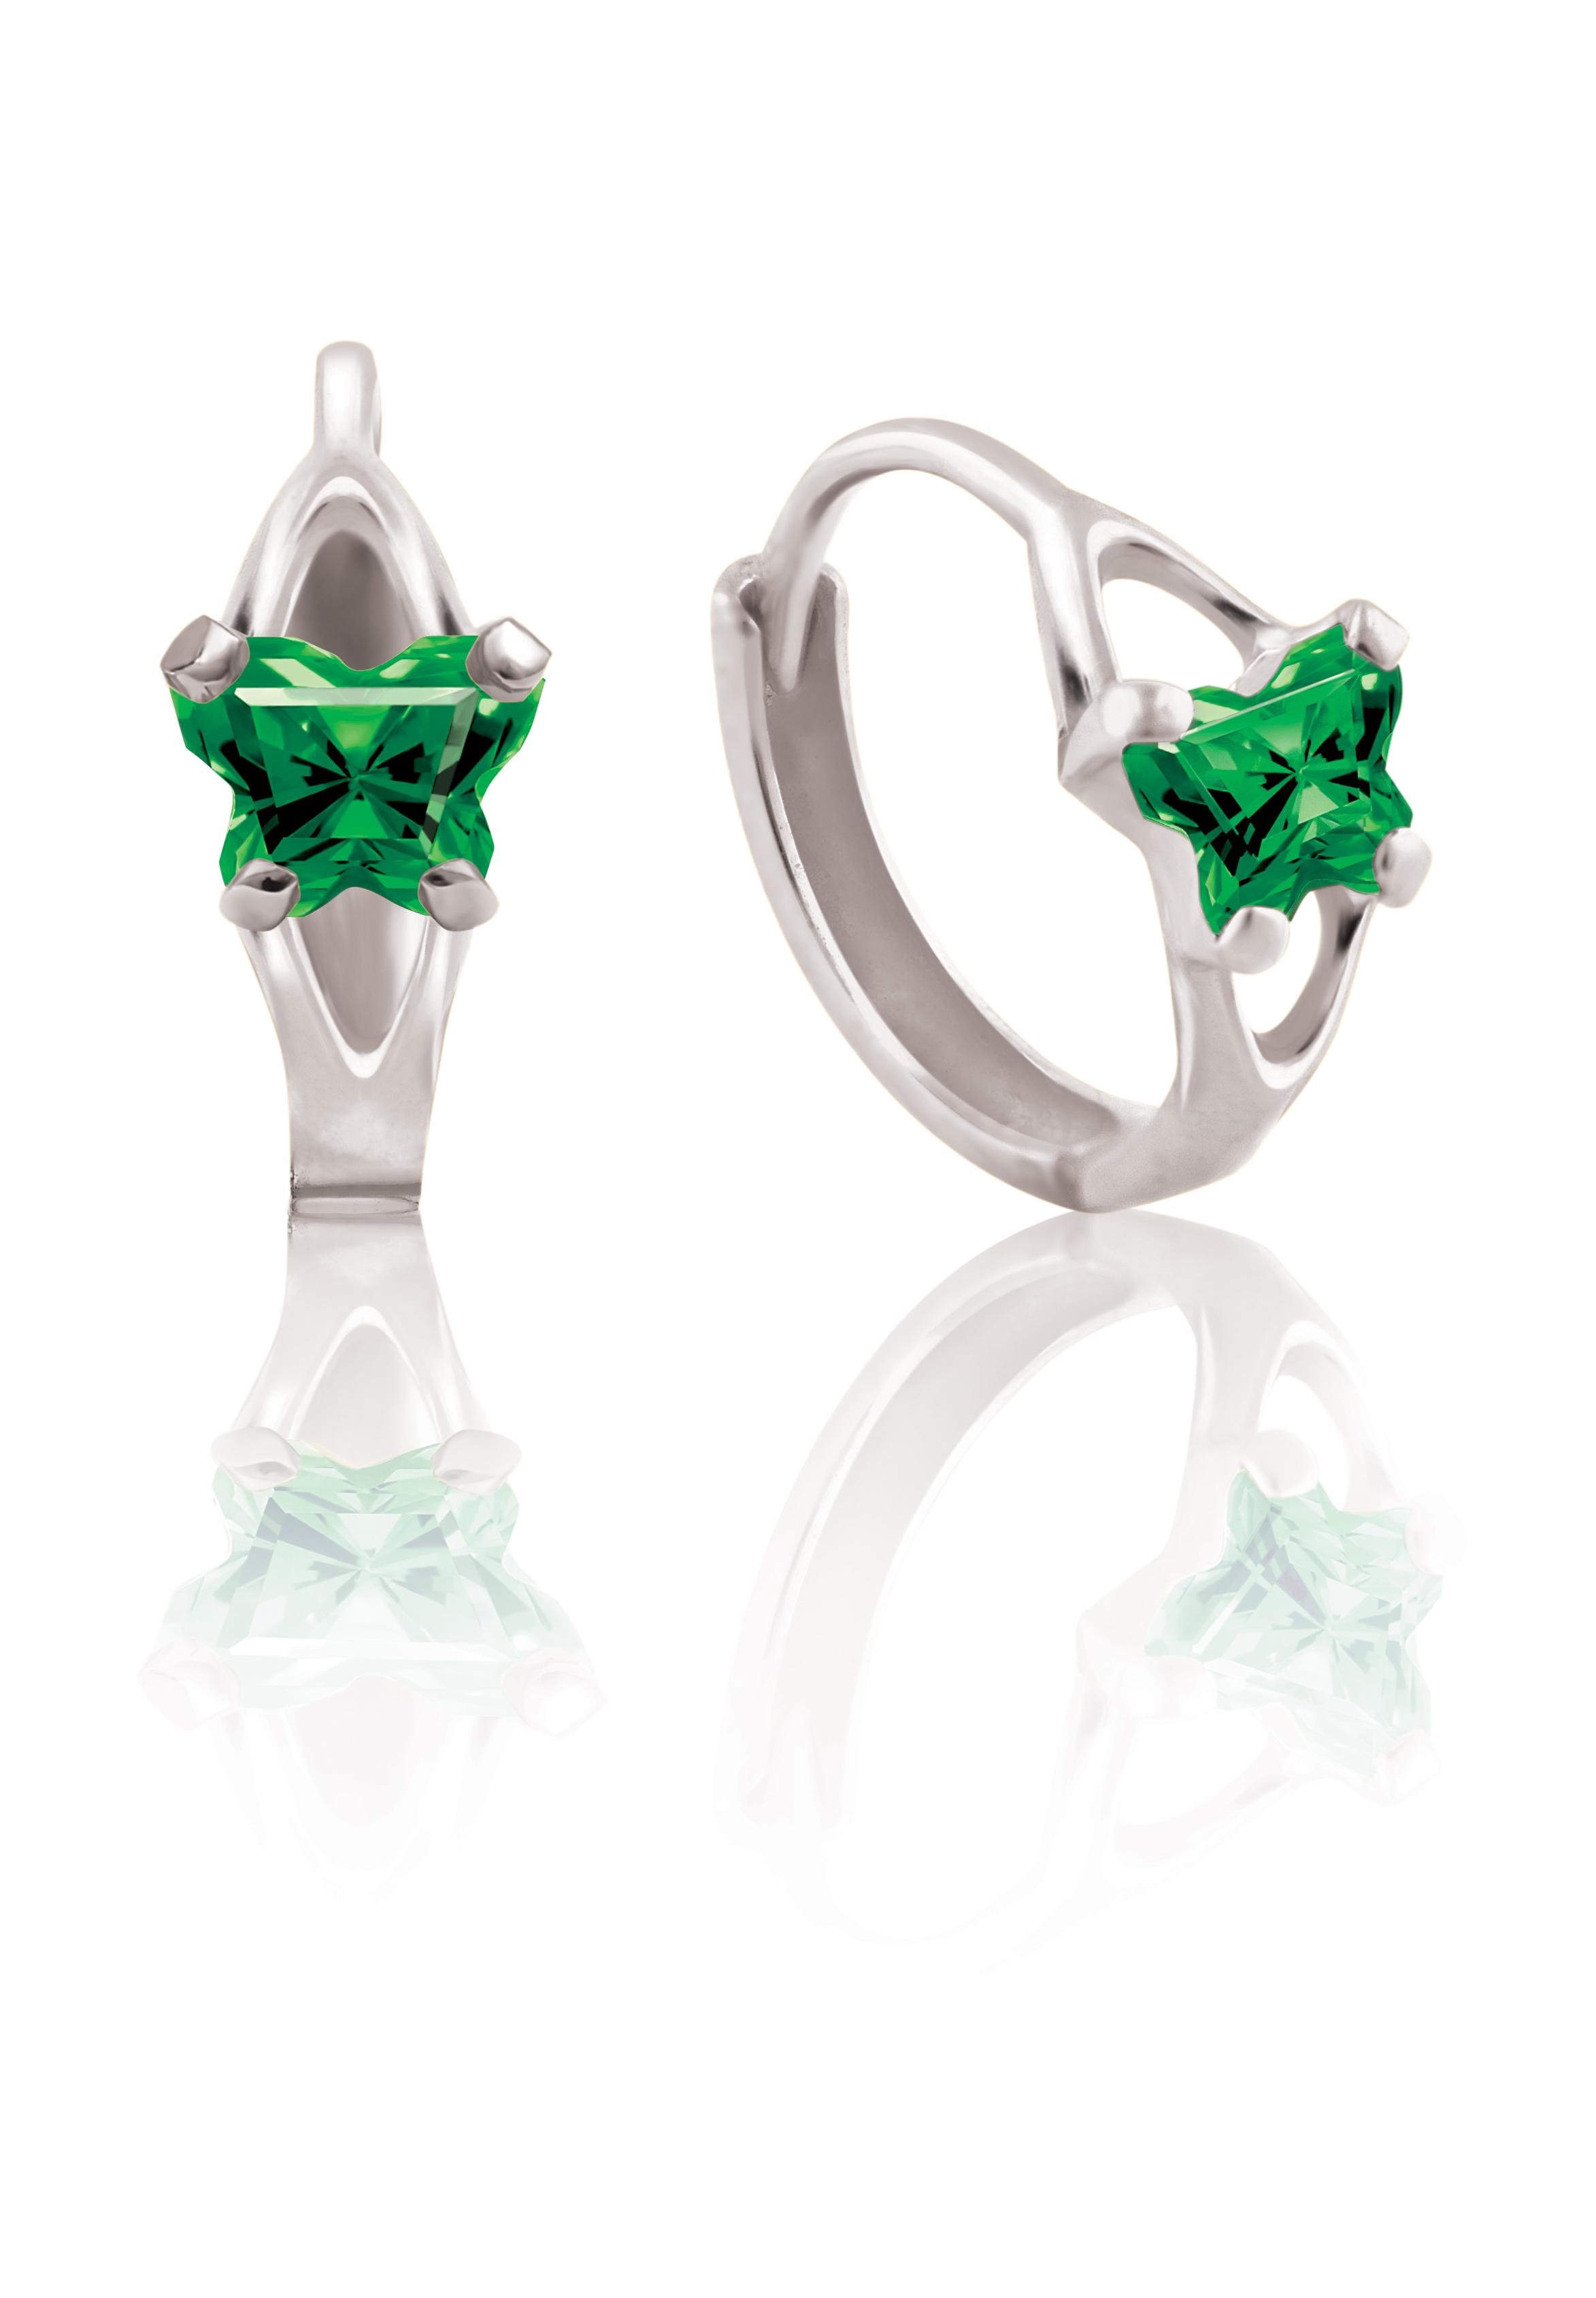 Boucles d'oreilles BFLY de genre Huggies pour bambins en argent sterling serties de zircons cubiques verts  (mois de mai)